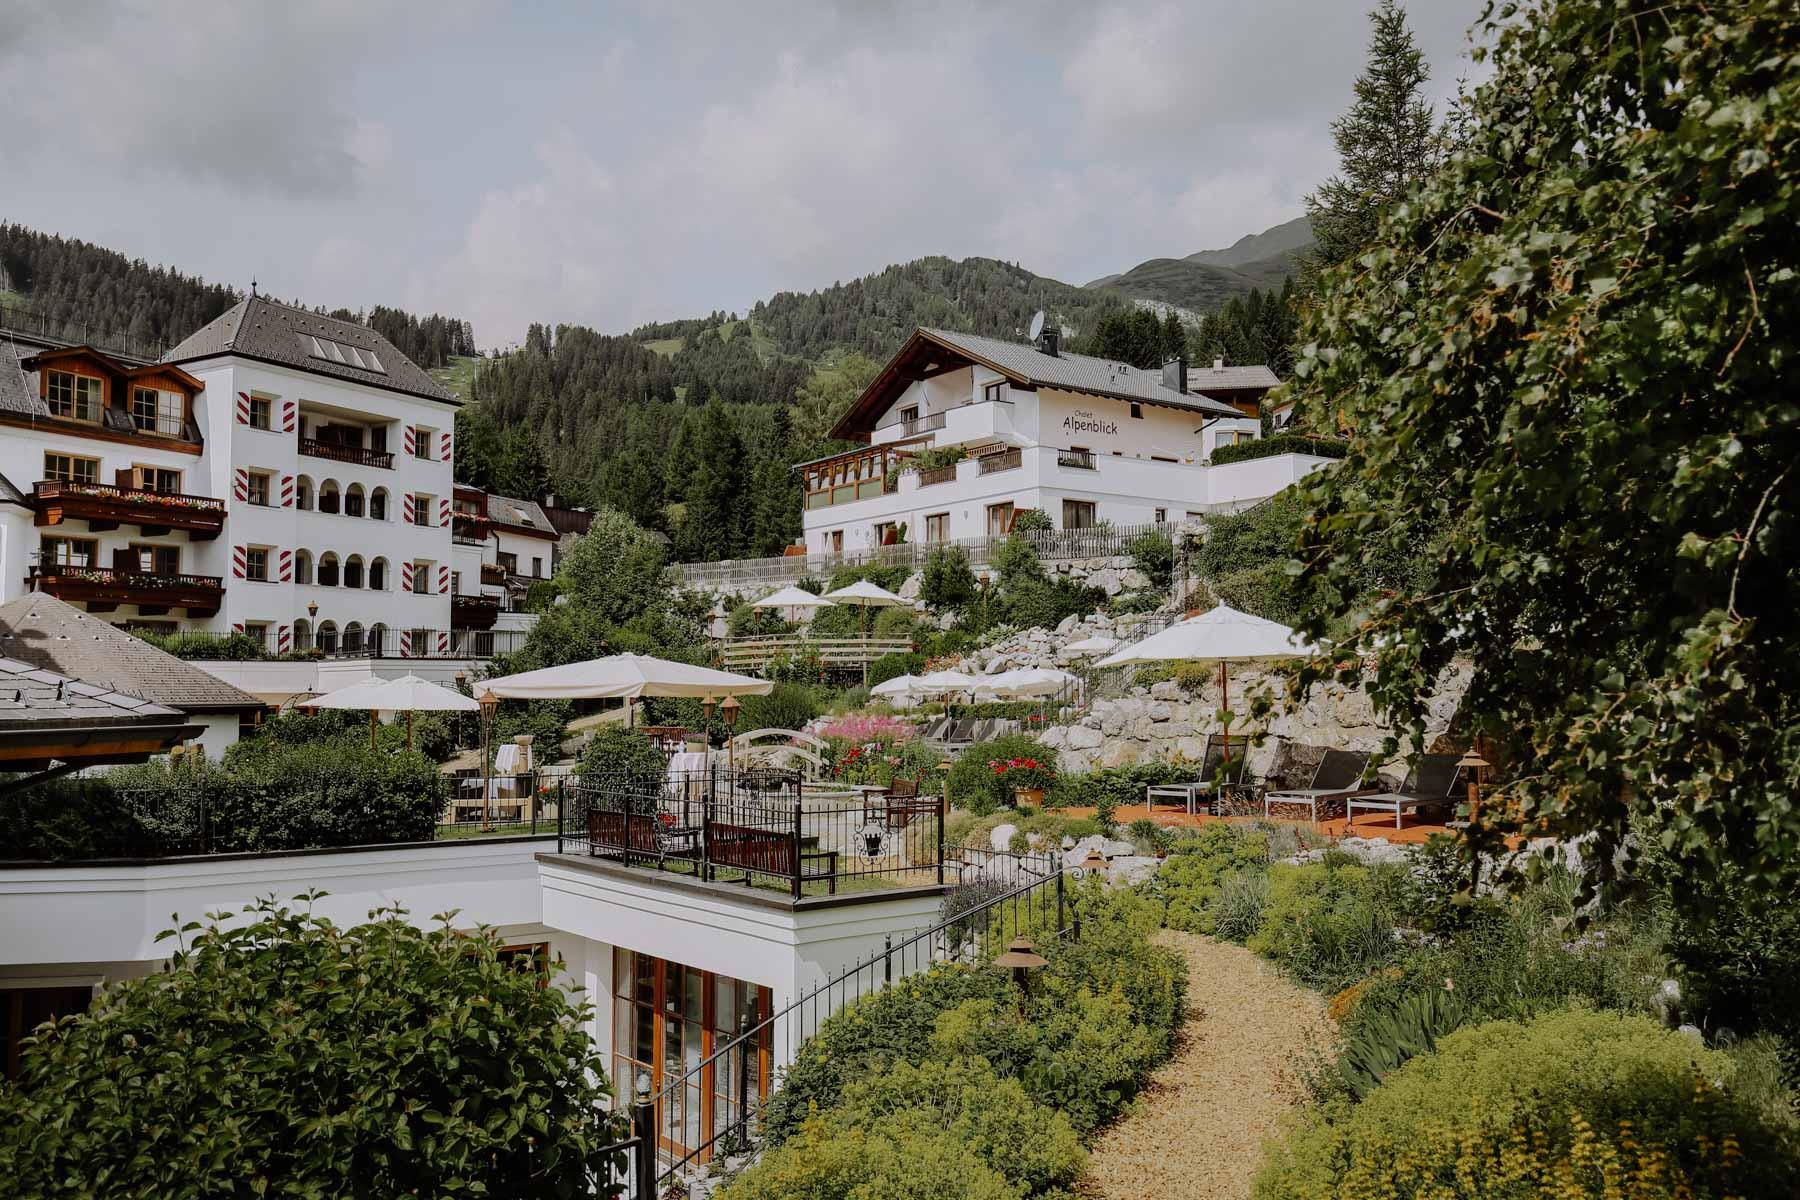 Hotelanlage mit Garten